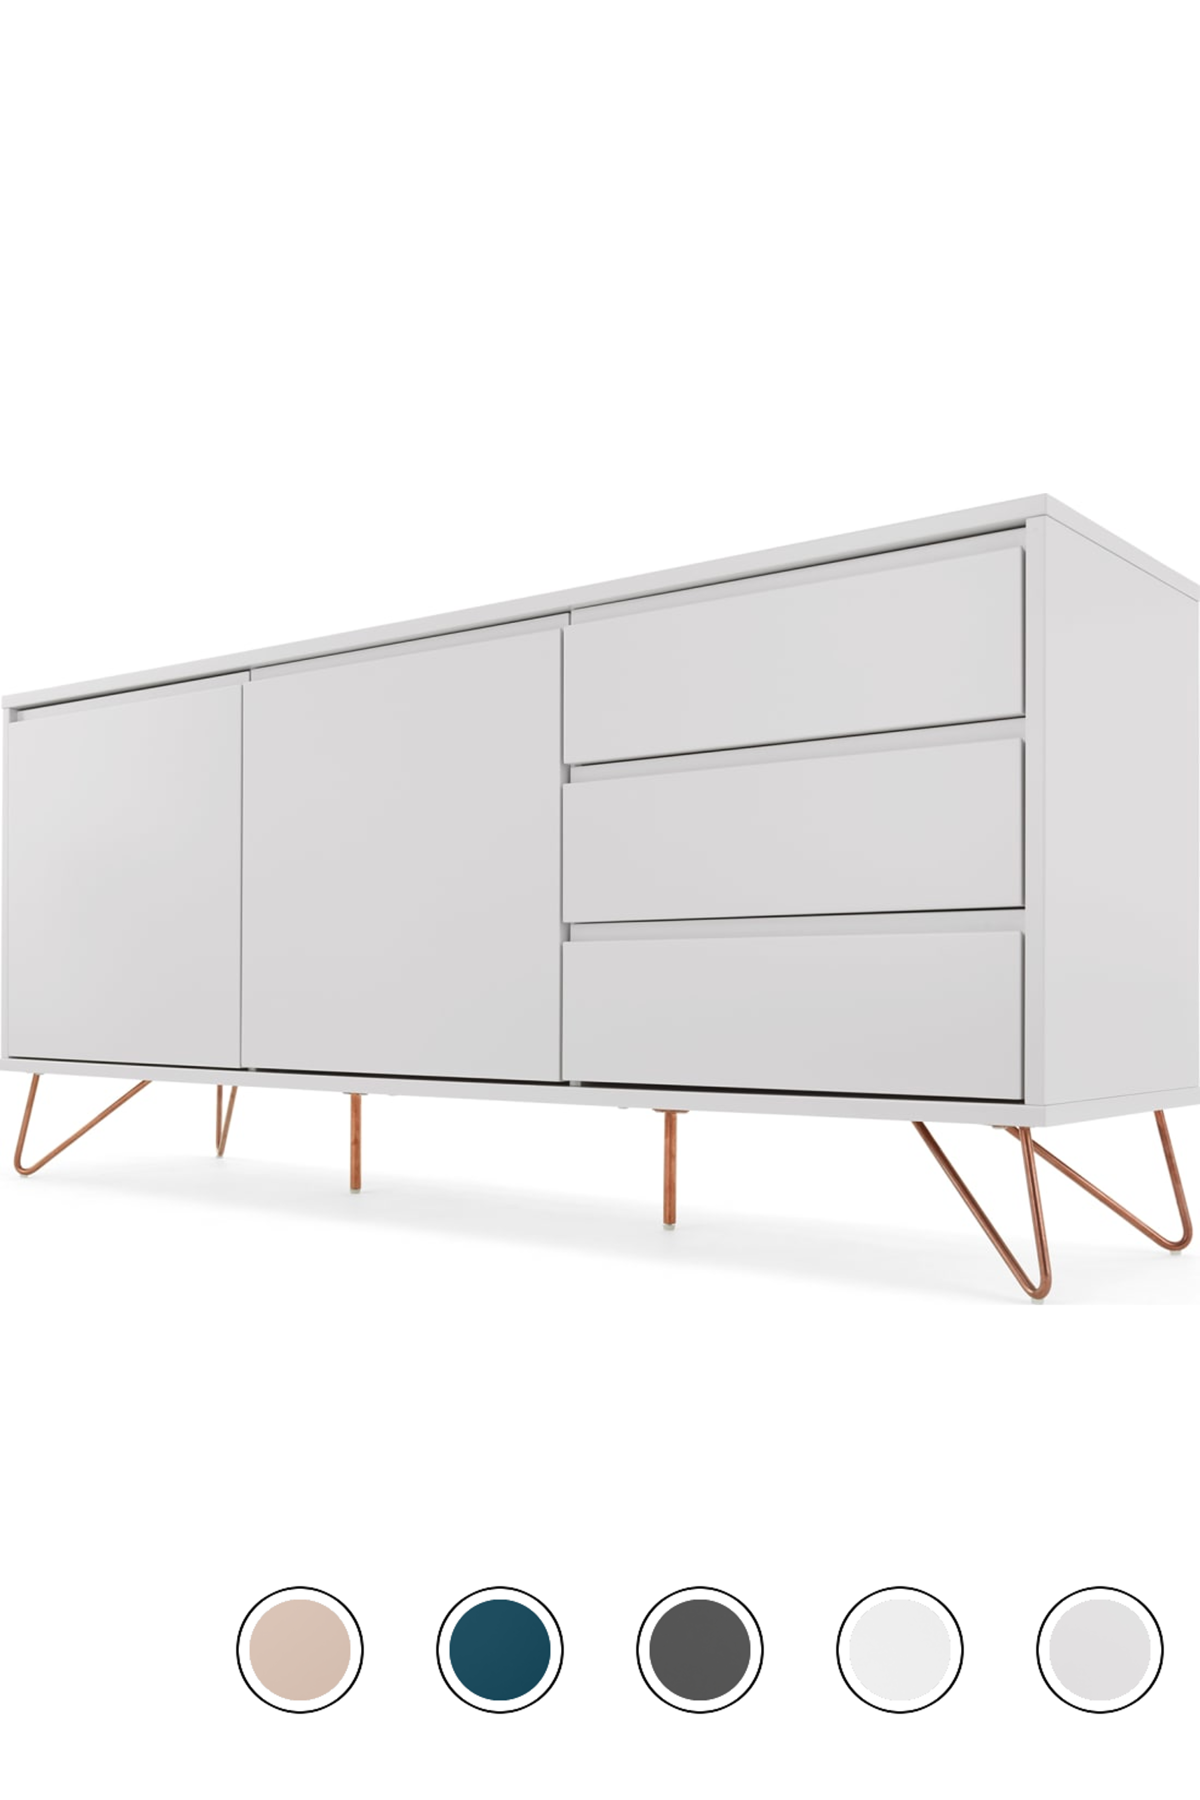 Made Grey Copper Sideboard Sideboard Door Handles Copper